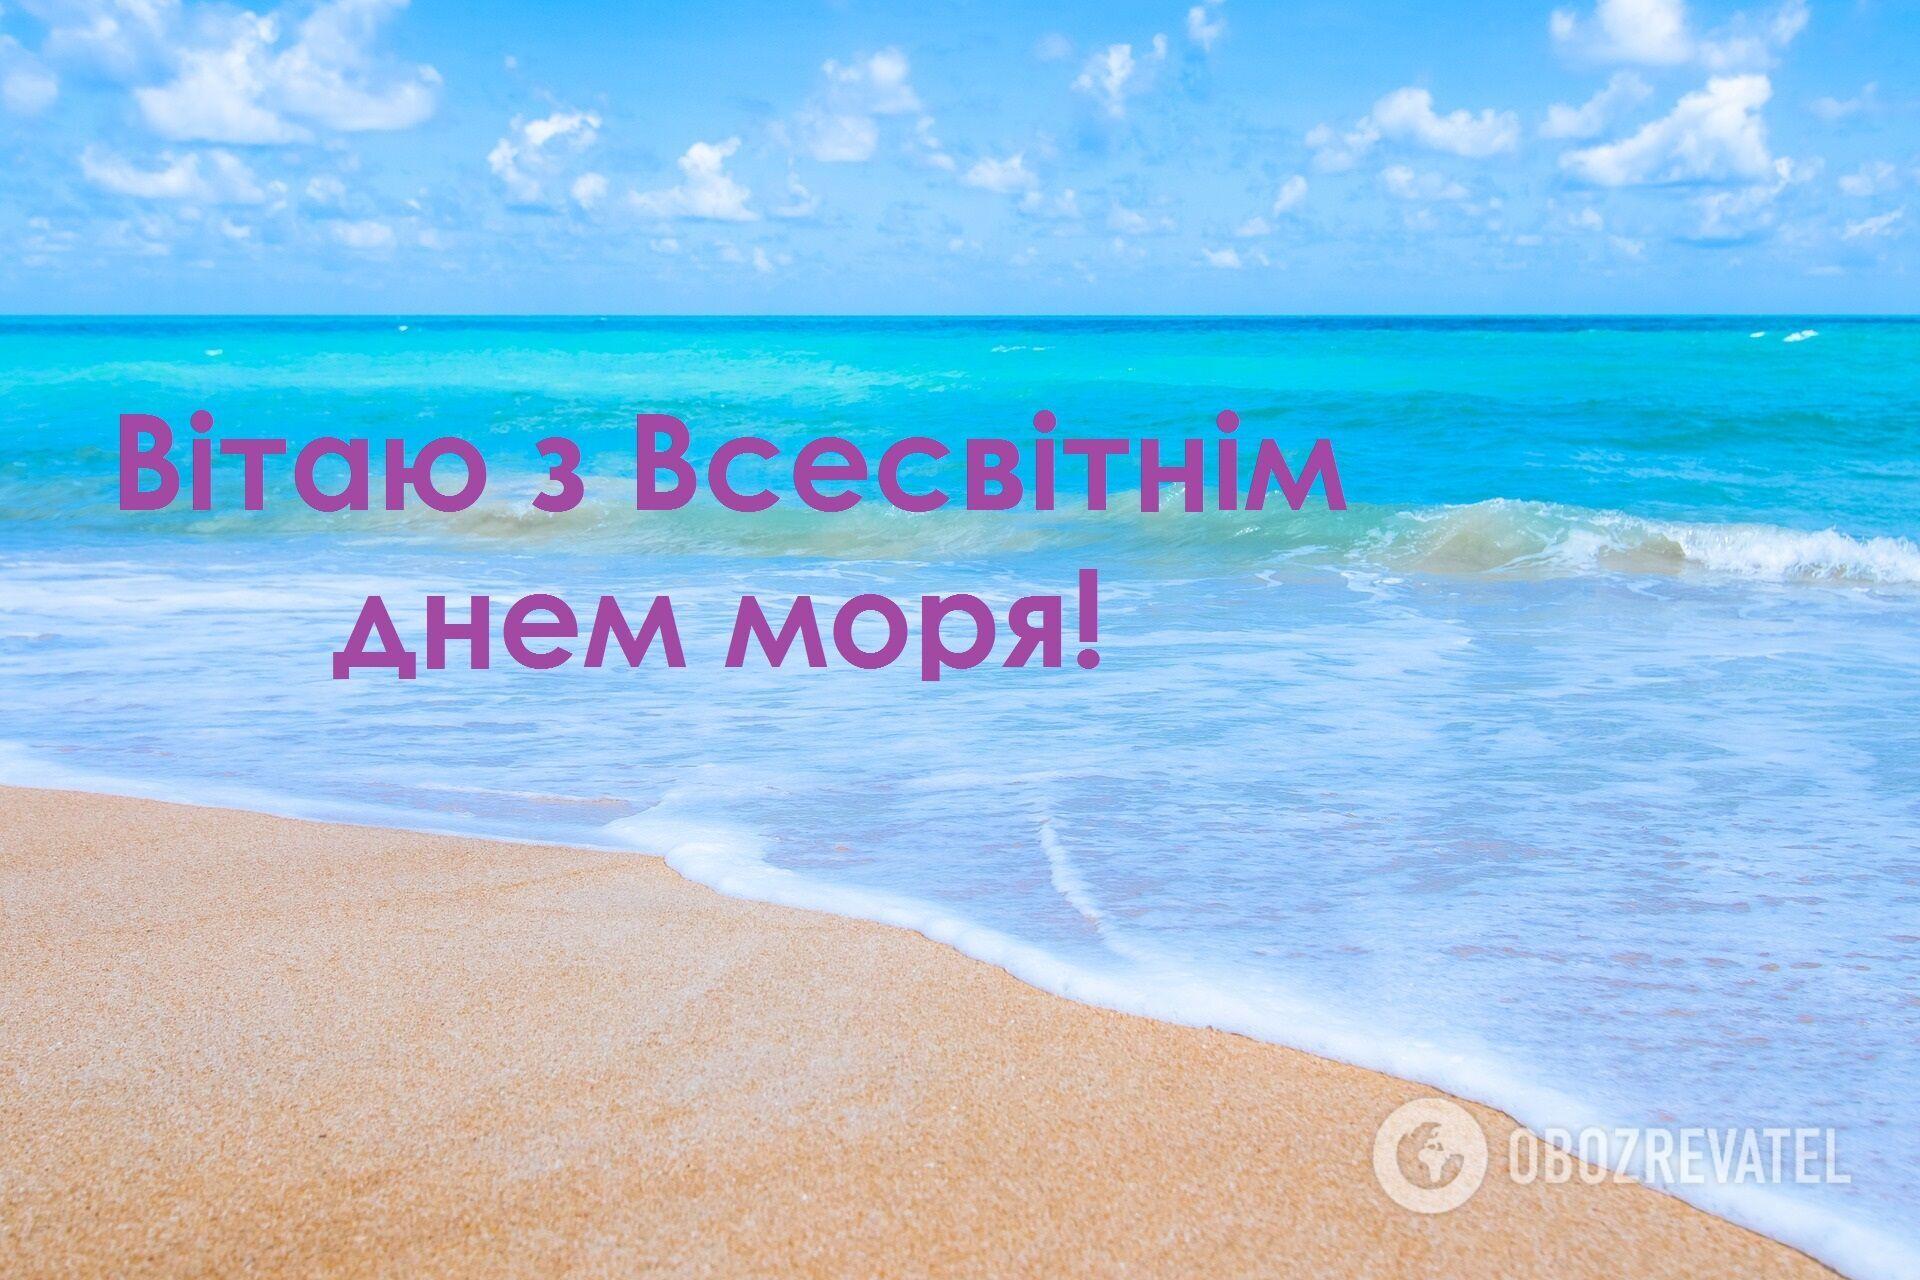 Поздравление с Всемирным днем моря